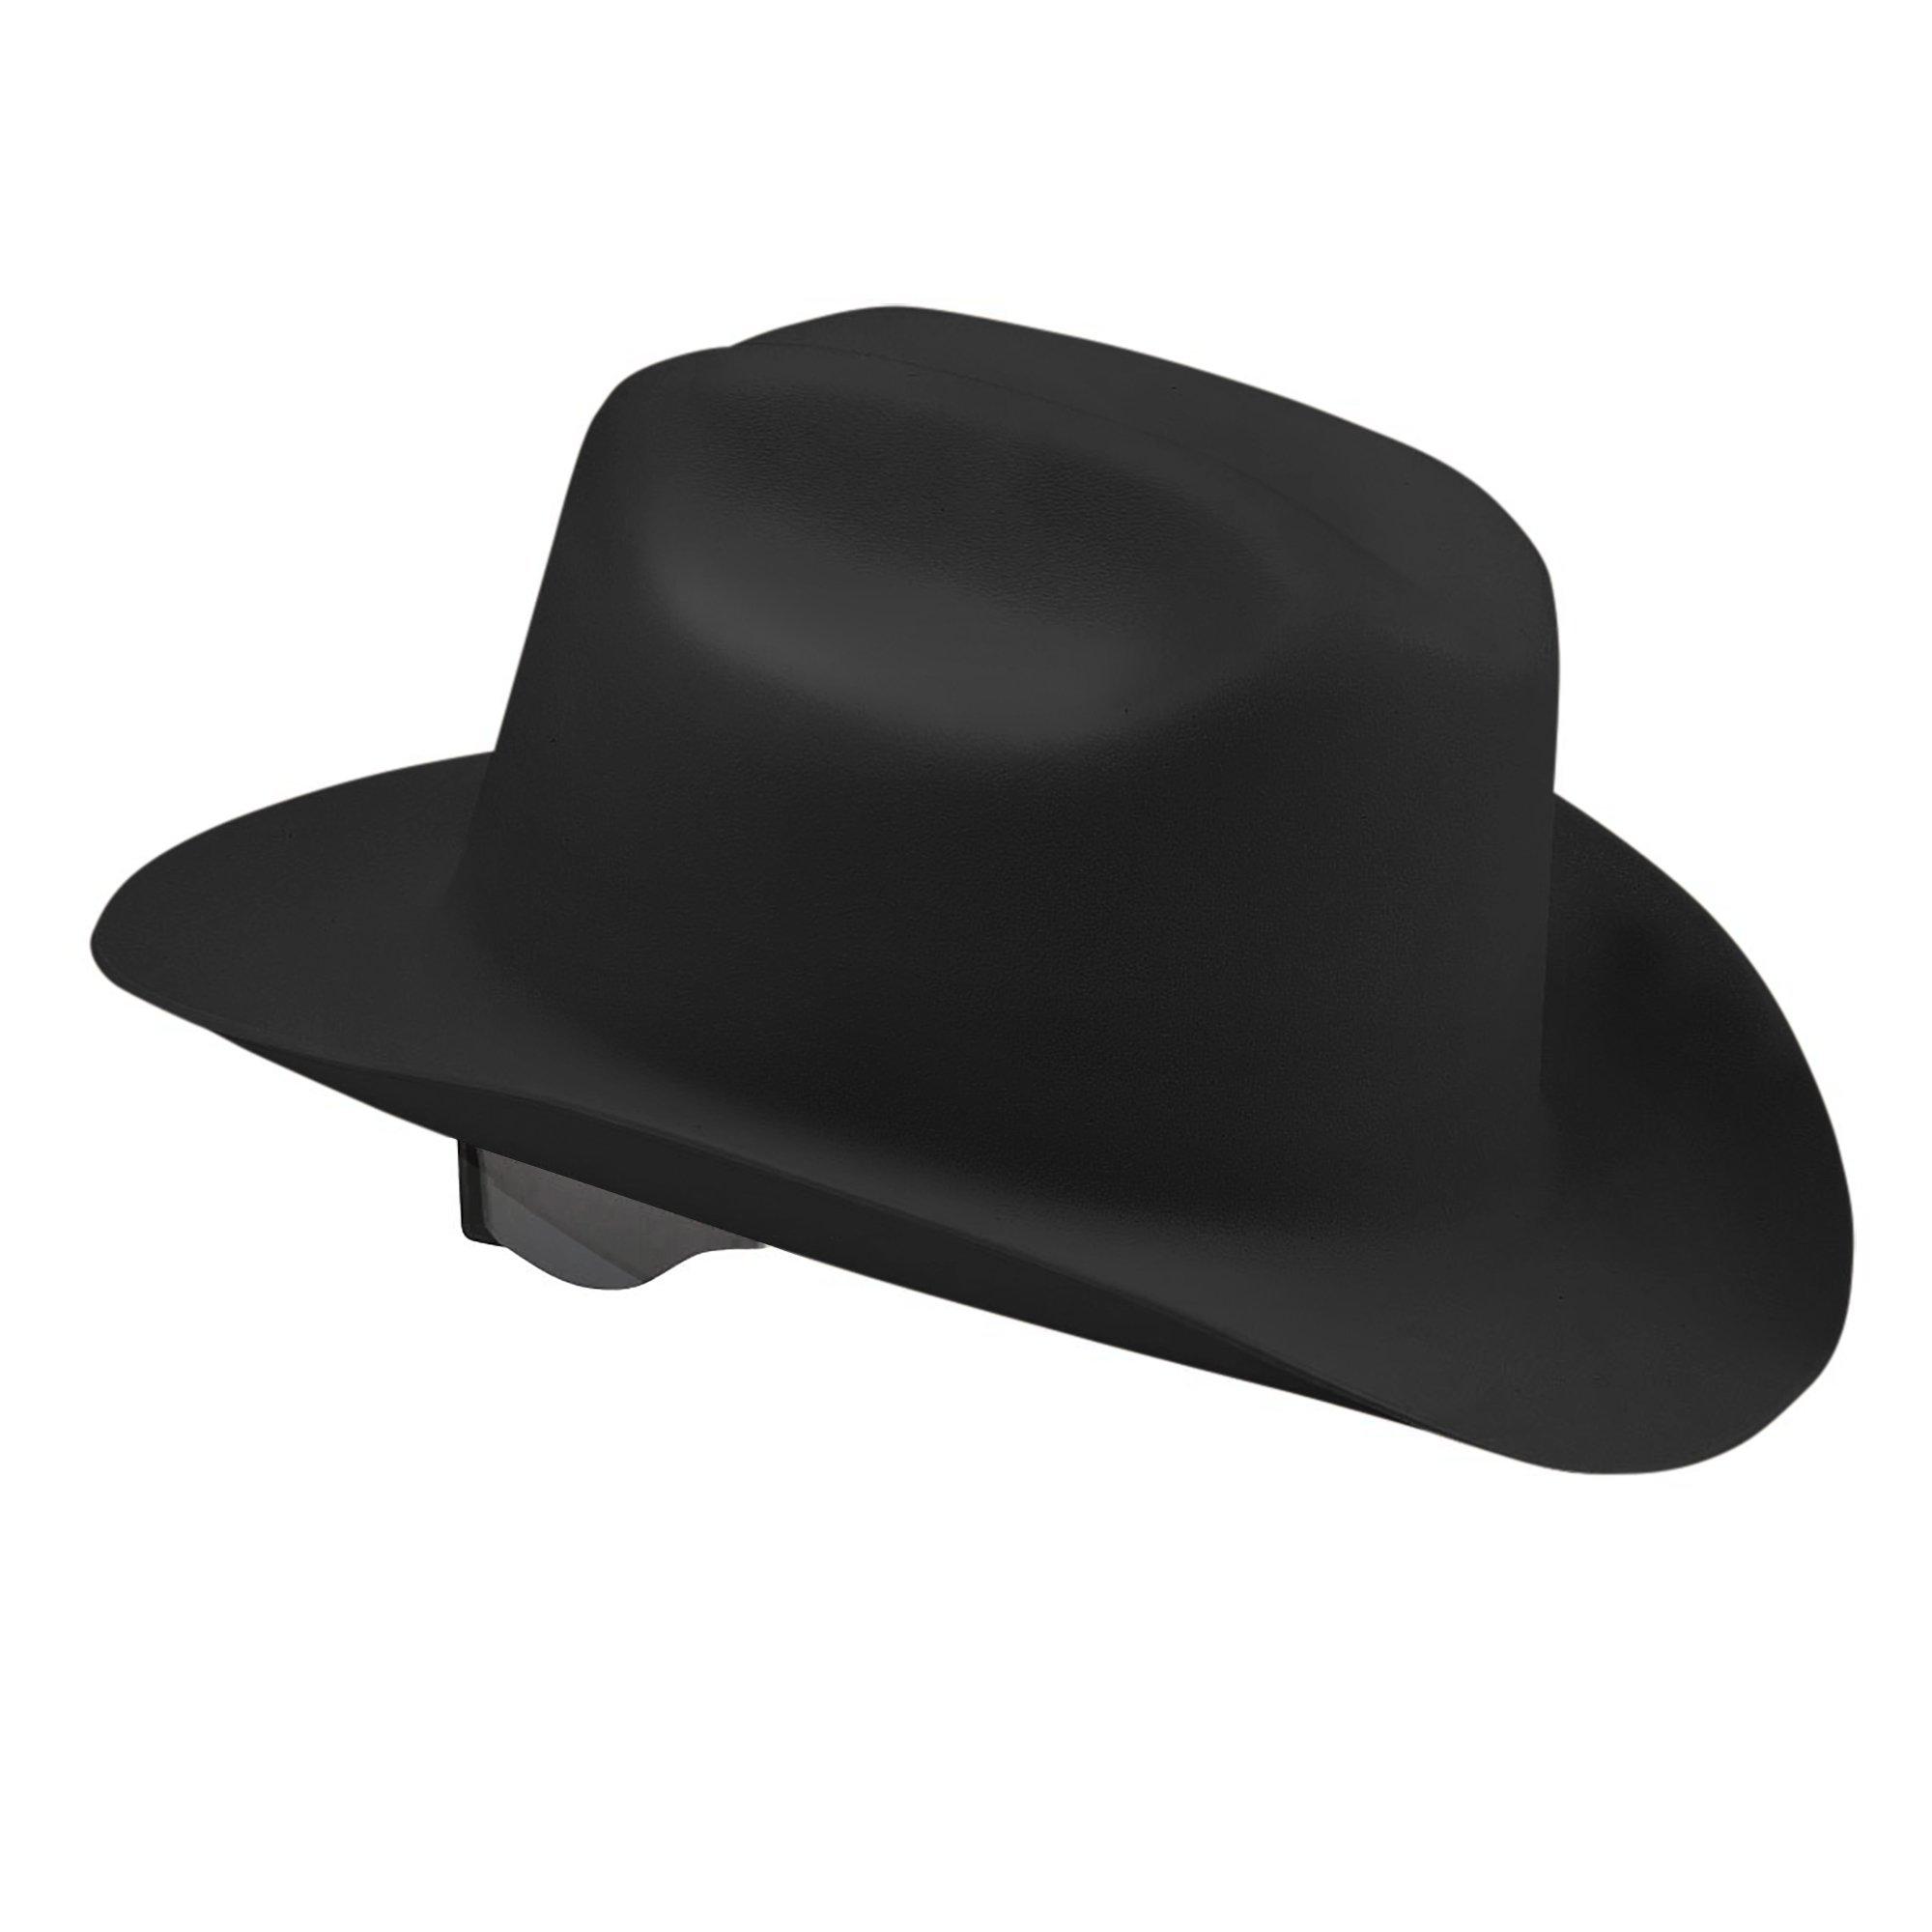 Jackson Safety Western Outlaw Hard Hat (17330), Wide 360-Degree Brim, 4-Pt. Ratchet Suspension, Black, 4 Hats / Case